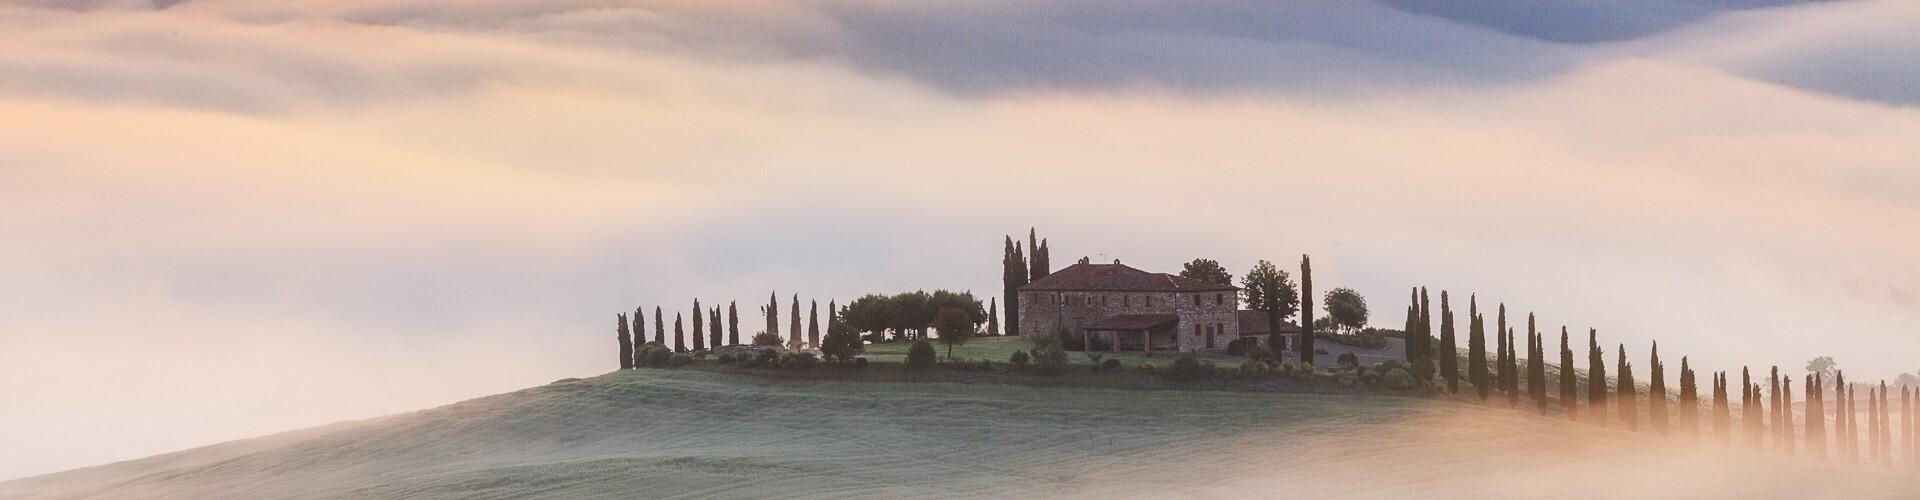 voyage photo toscane vincent frances header